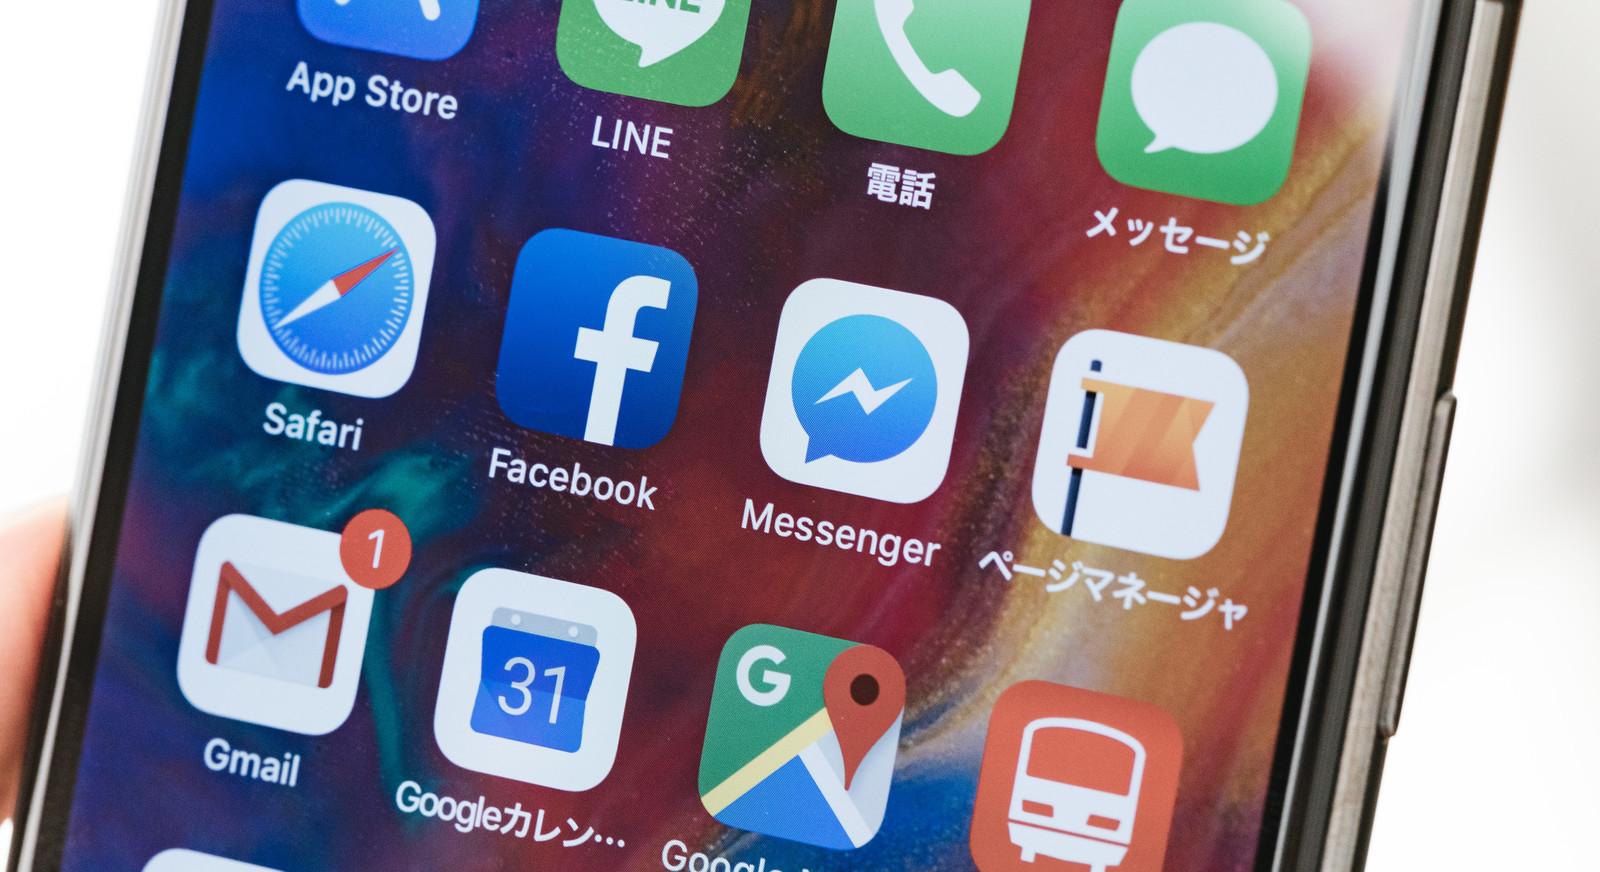 今日からすぐできる!3ヶ月で1万PVを目指すFacebookページを活用した マル秘Facebook~SEOブログ連動集客術